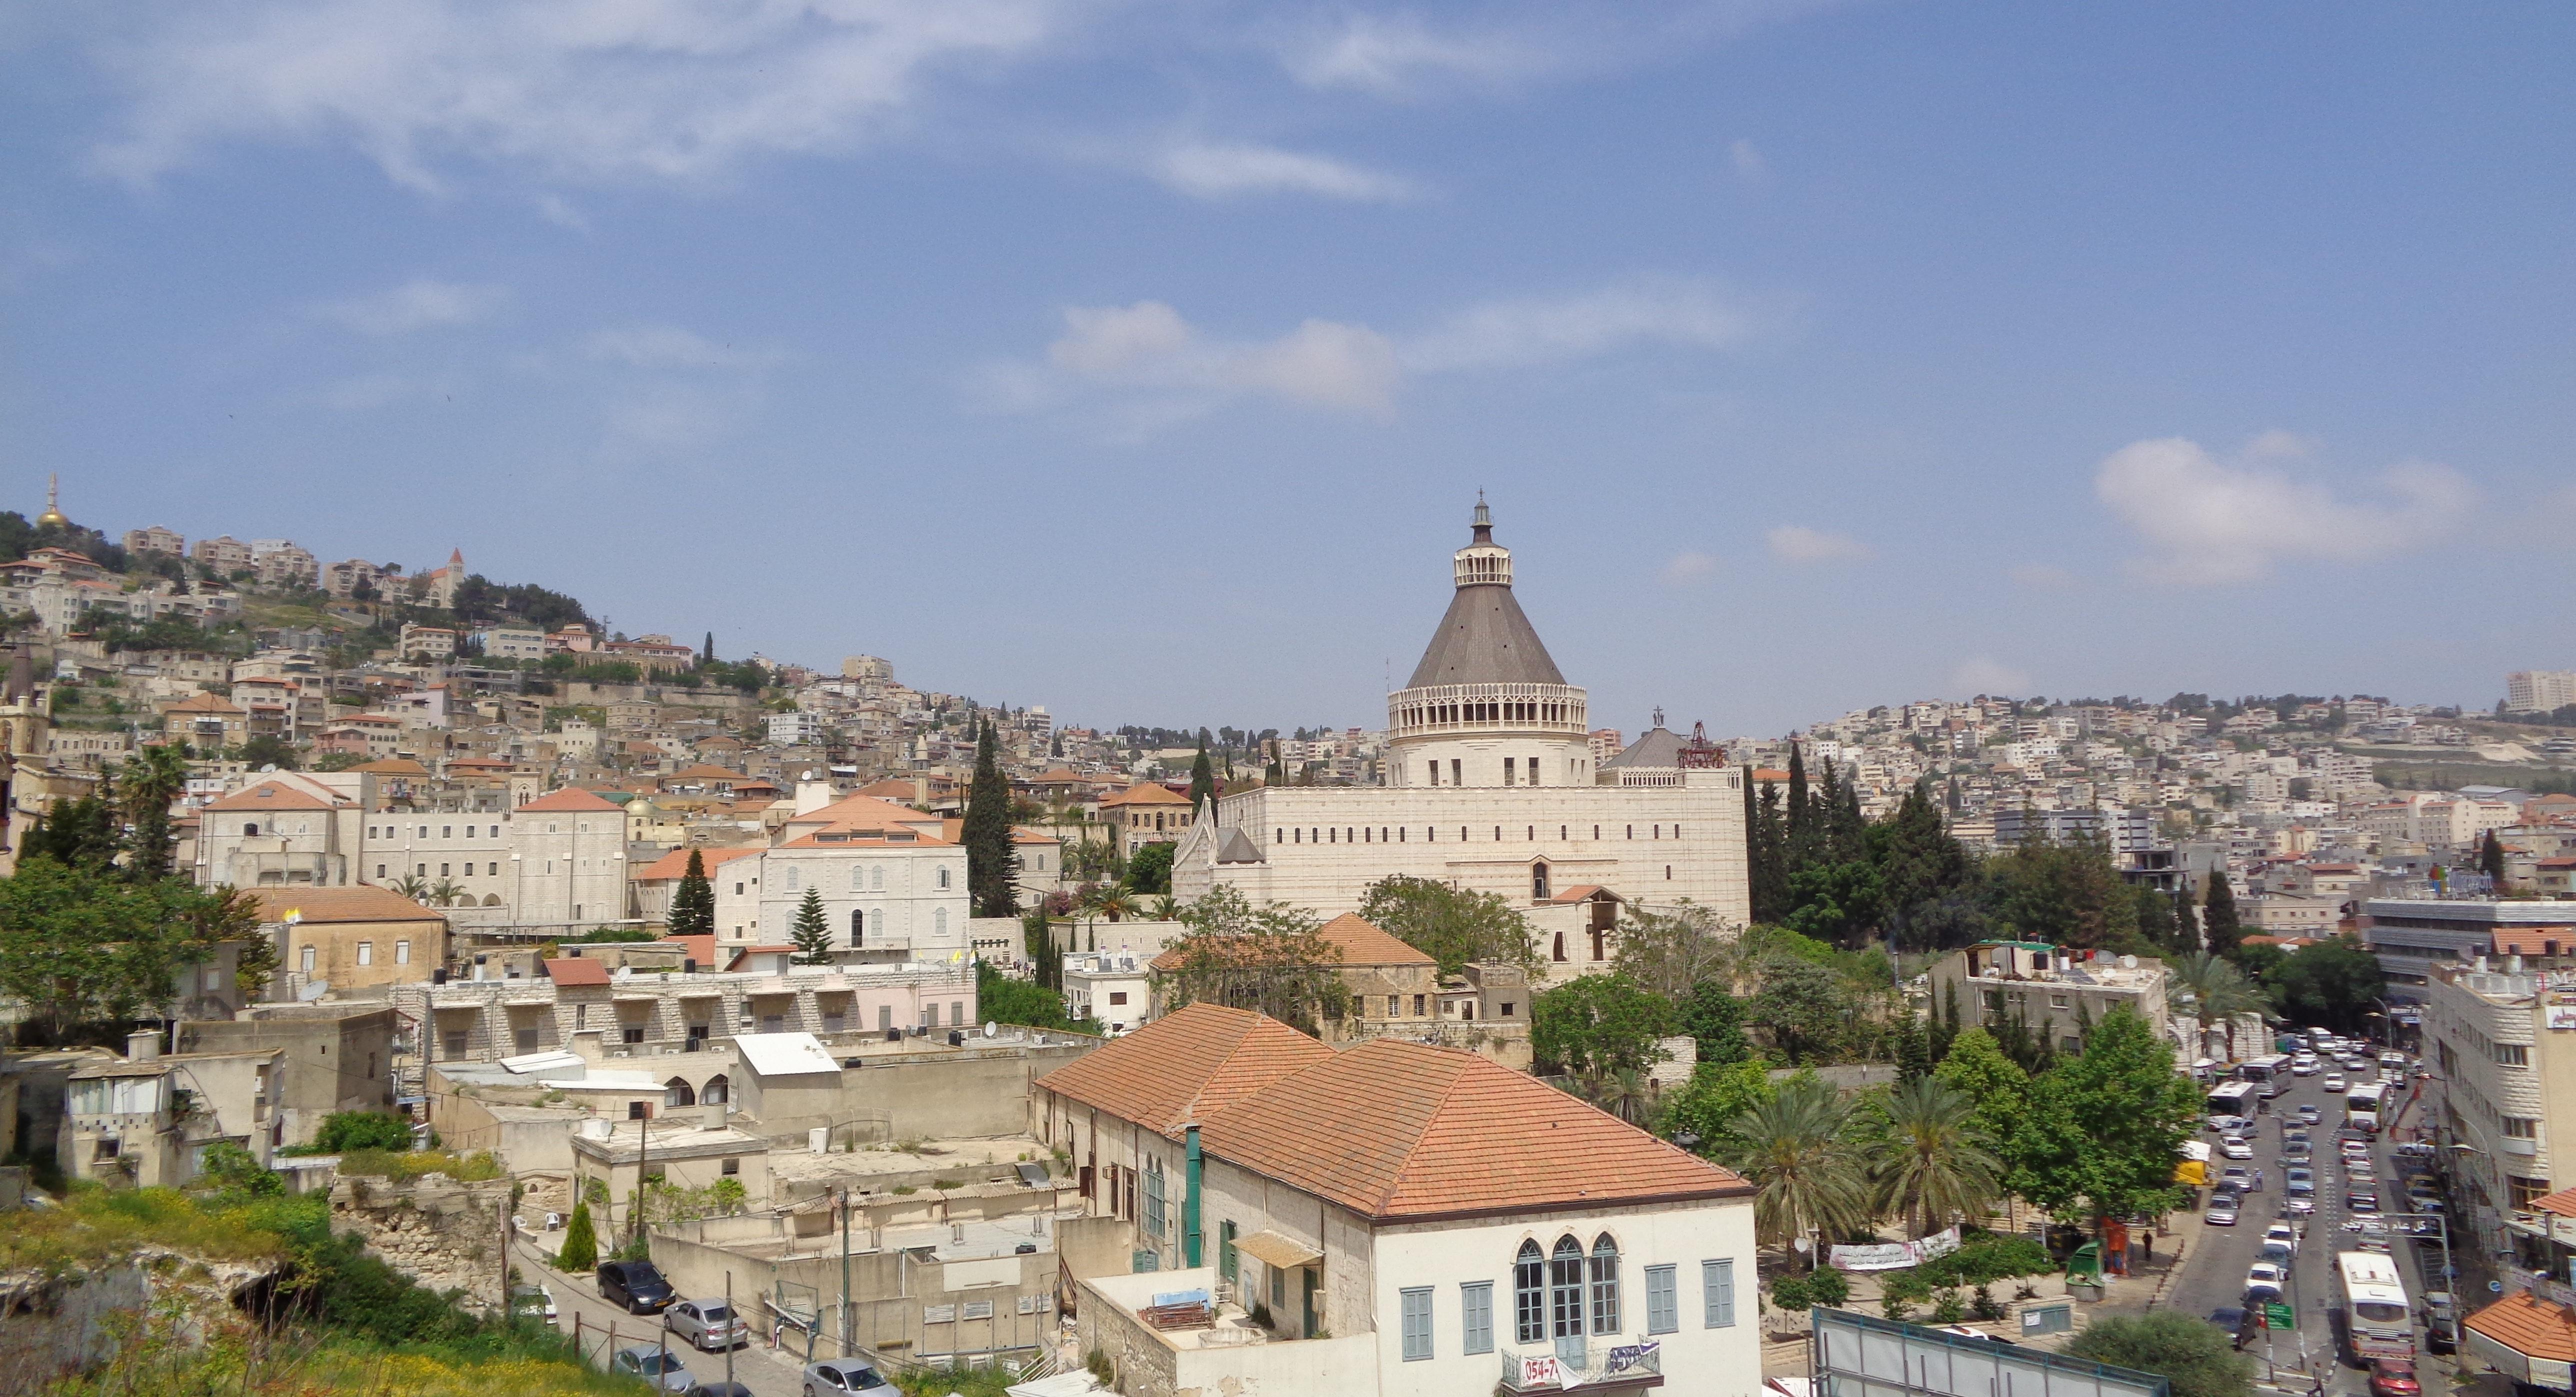 Blick über die Altstadt Nazareths mit seiner markanten Verkündigungsbasilika. Hier soll das Zentrum der arabischen Start-up-Szene in Israel entstehen. Bild: Monika Witzenberger